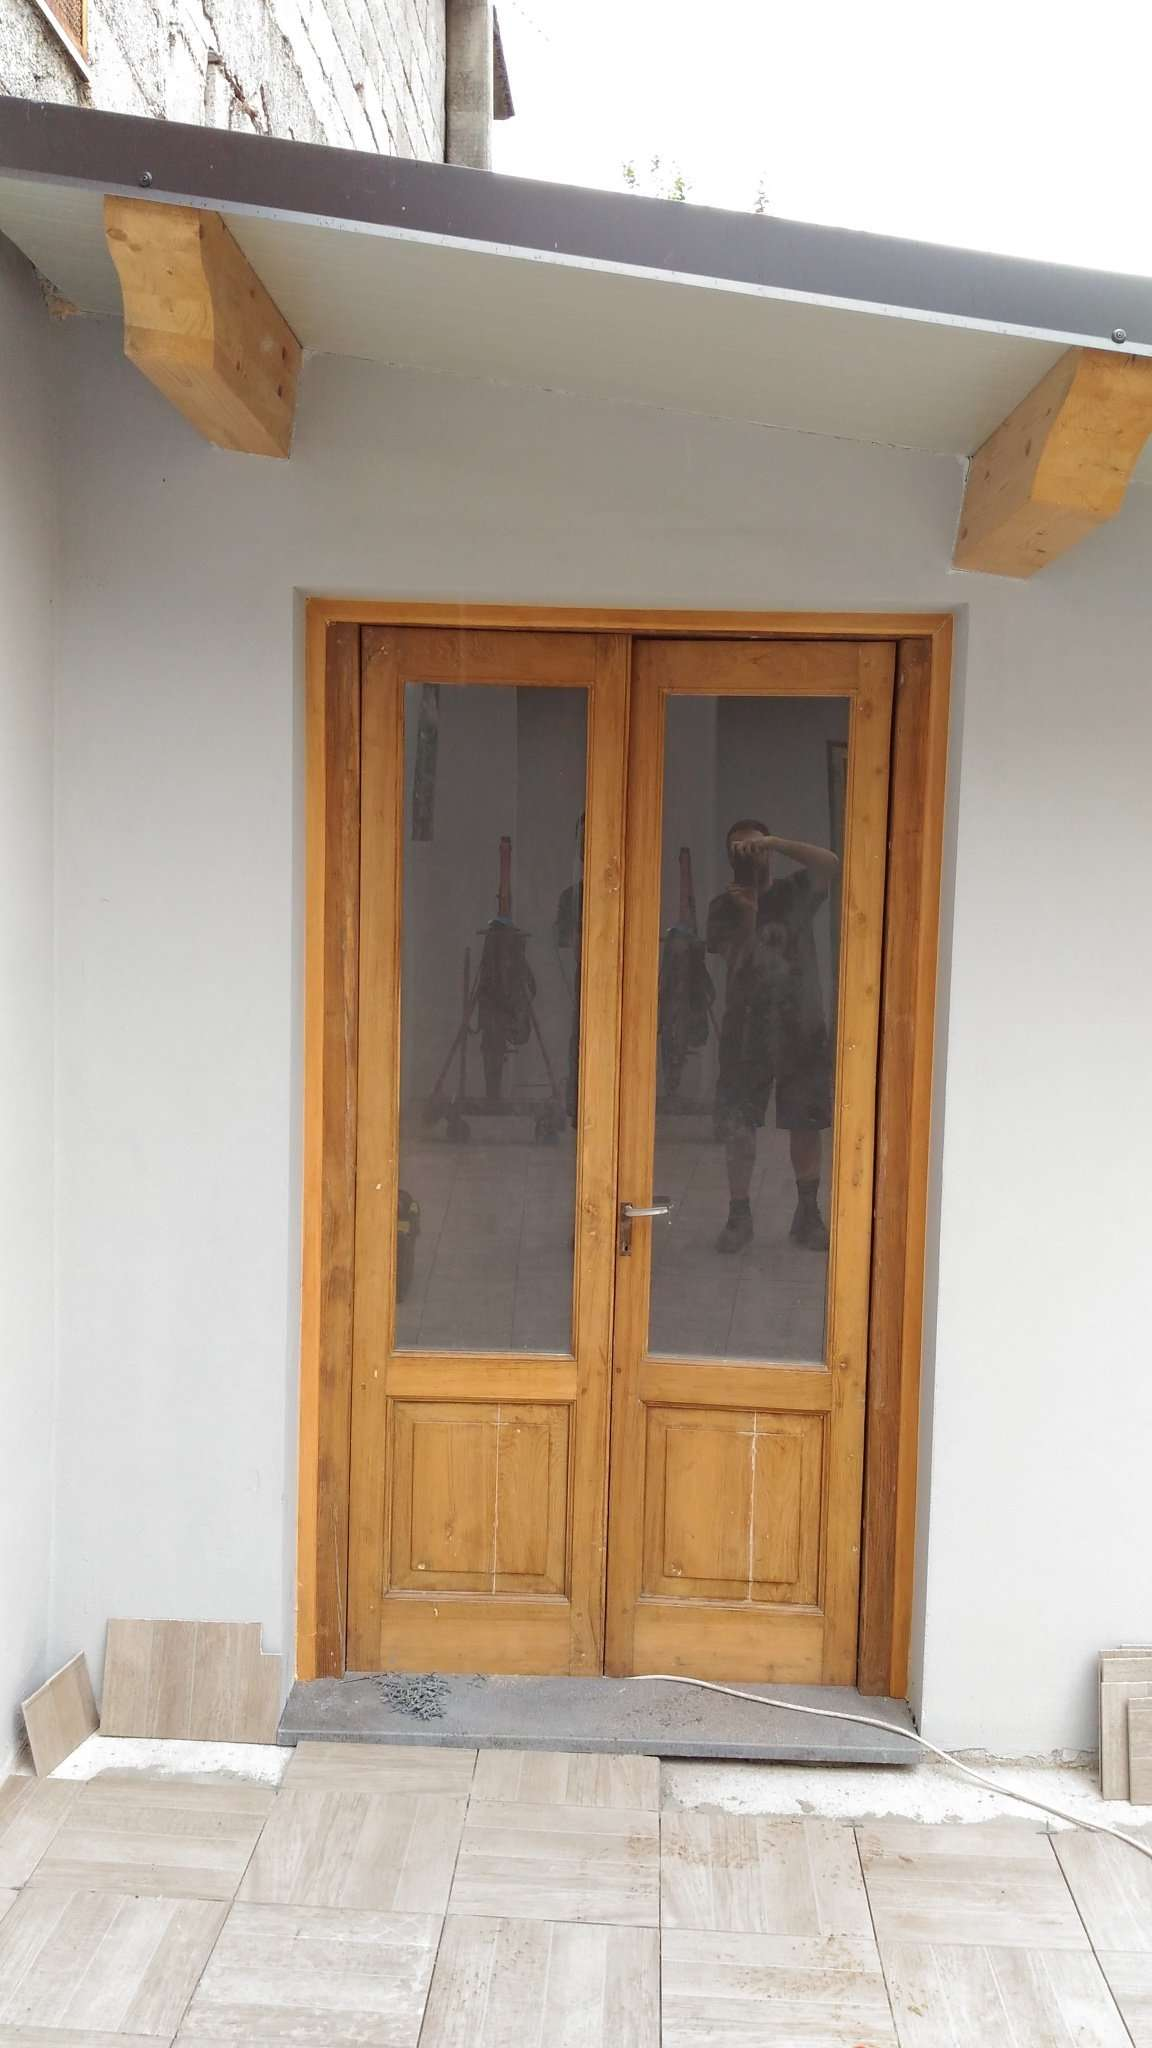 Restrukturierung einer Tür und einem Fenster aus Kastanienholz